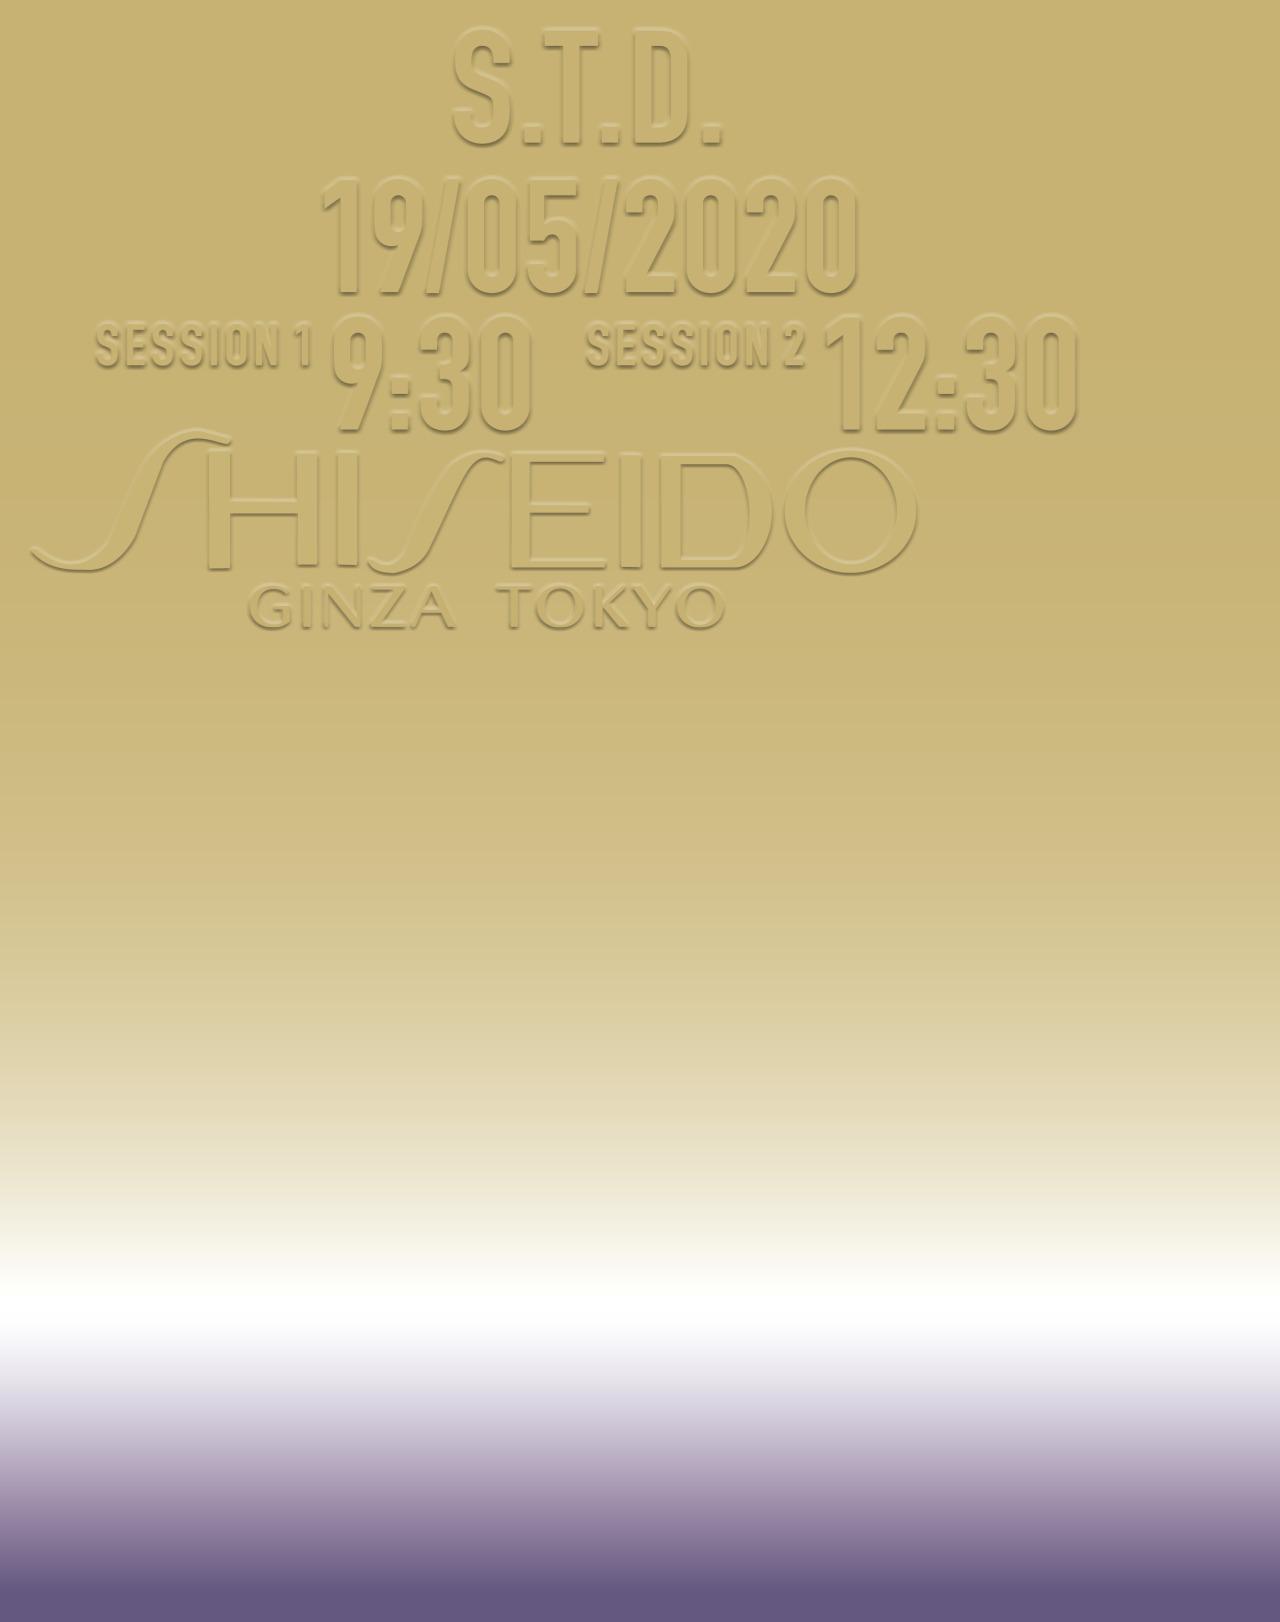 Shiseido Ginza Tokyo - Cárter Studio